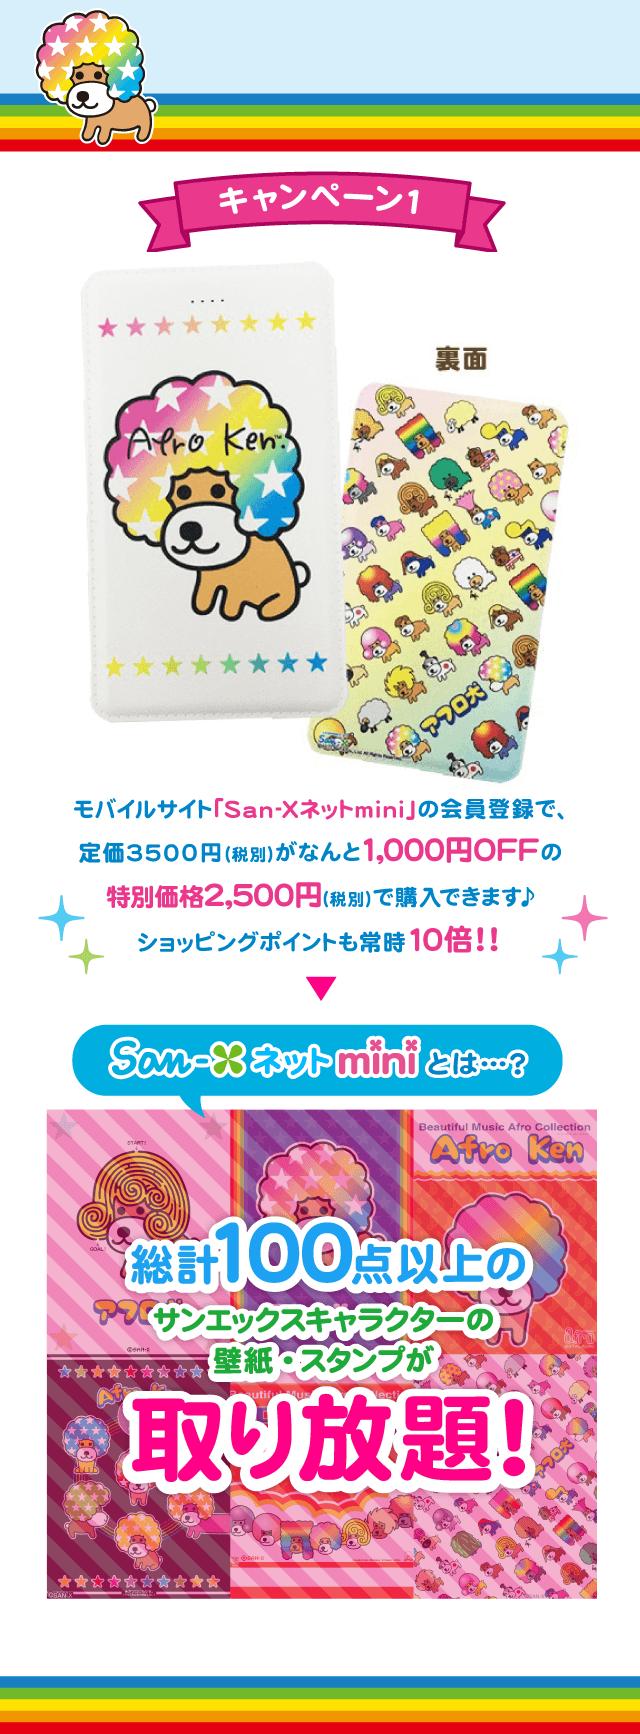 San-XキャラShopモバイルバッテリー発売キャンペーンアフロ犬